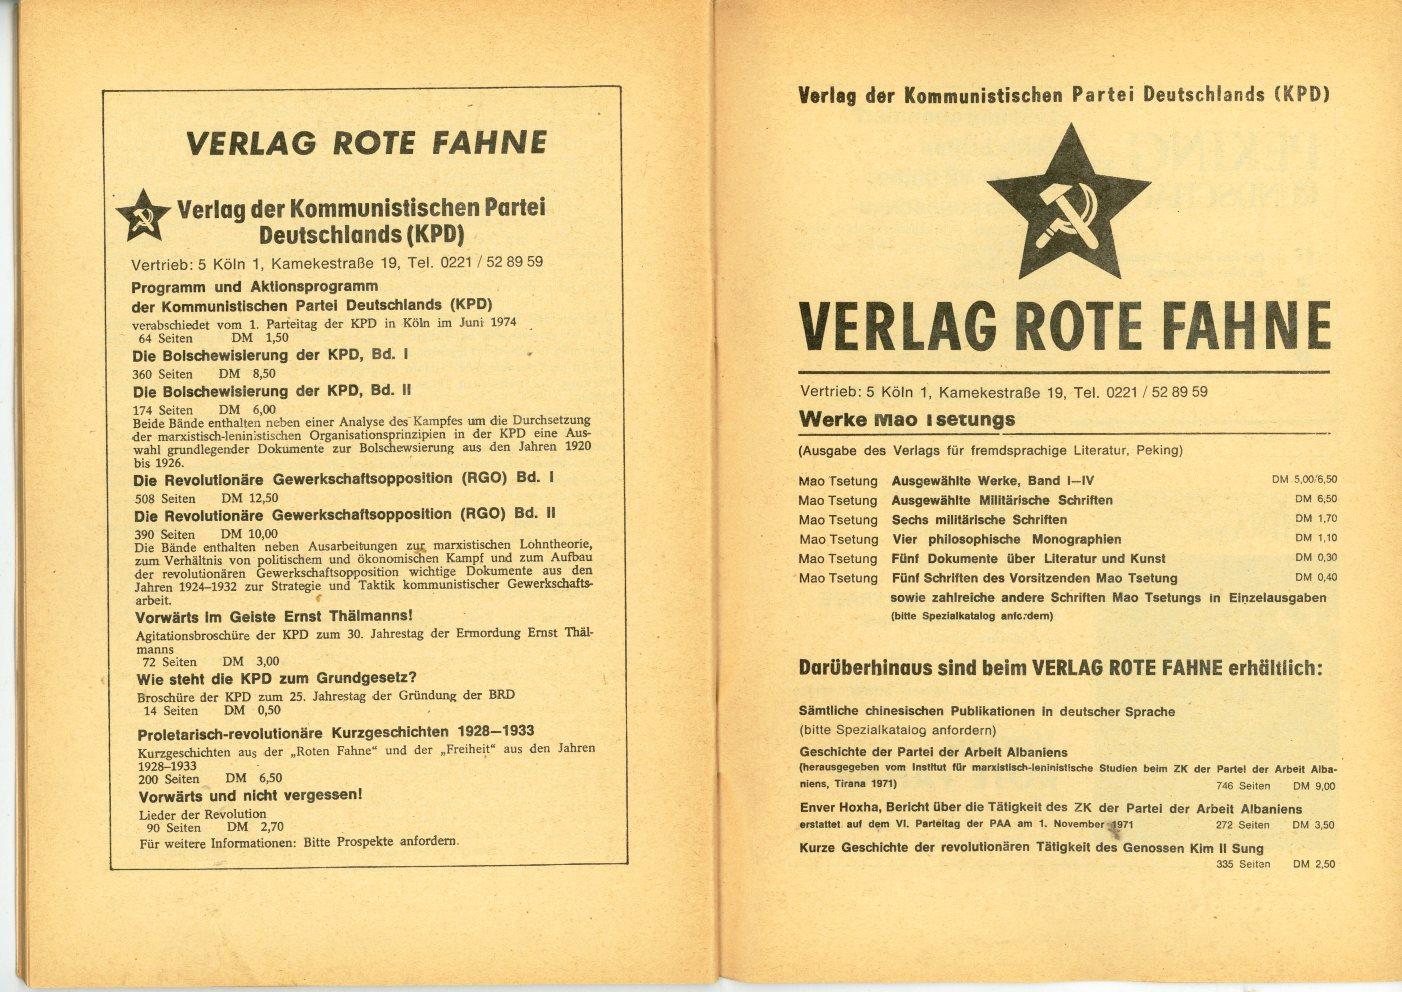 KPDAO_1975_30_Jahrestag_der_Befreiung_vom_Faschismus_25